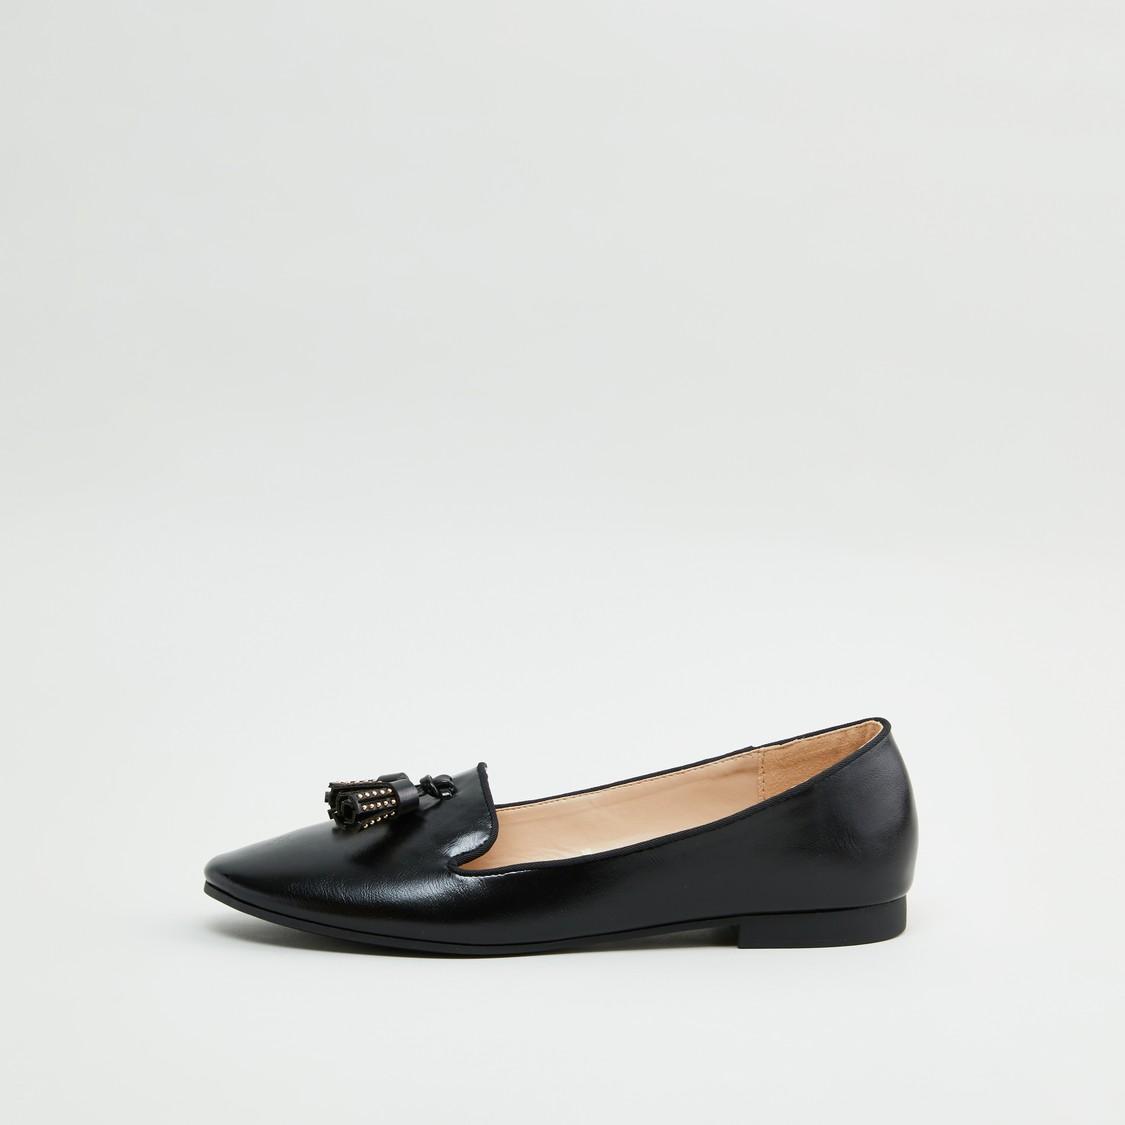 حذاء باليرينا سهل الارتداء بتفاصيل شرابات وزينة